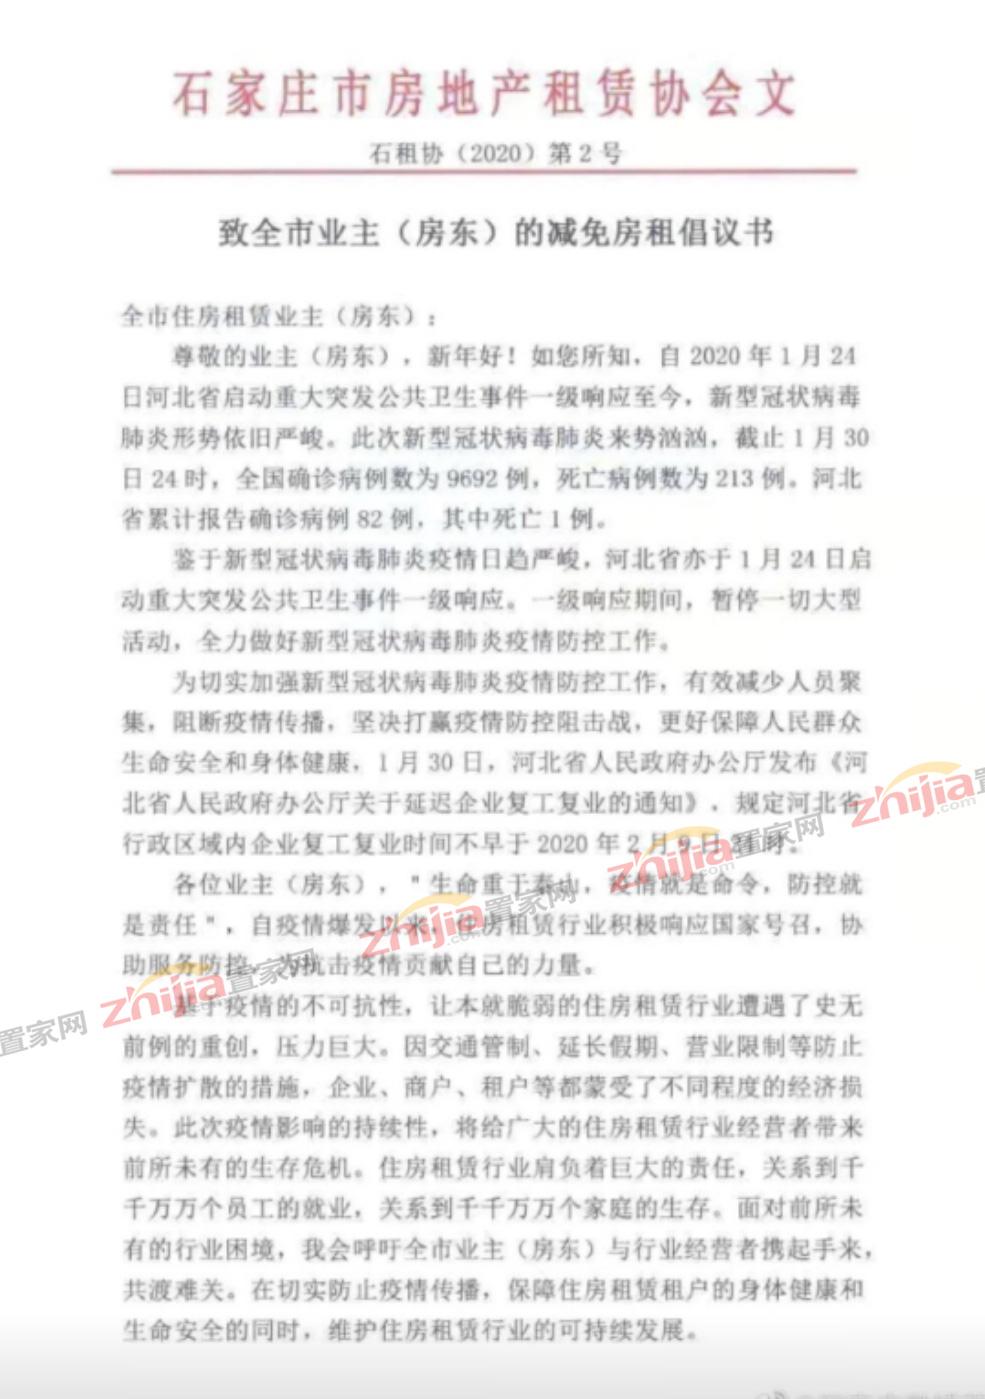 http://www.store4car.com/fangchan/1589924.html